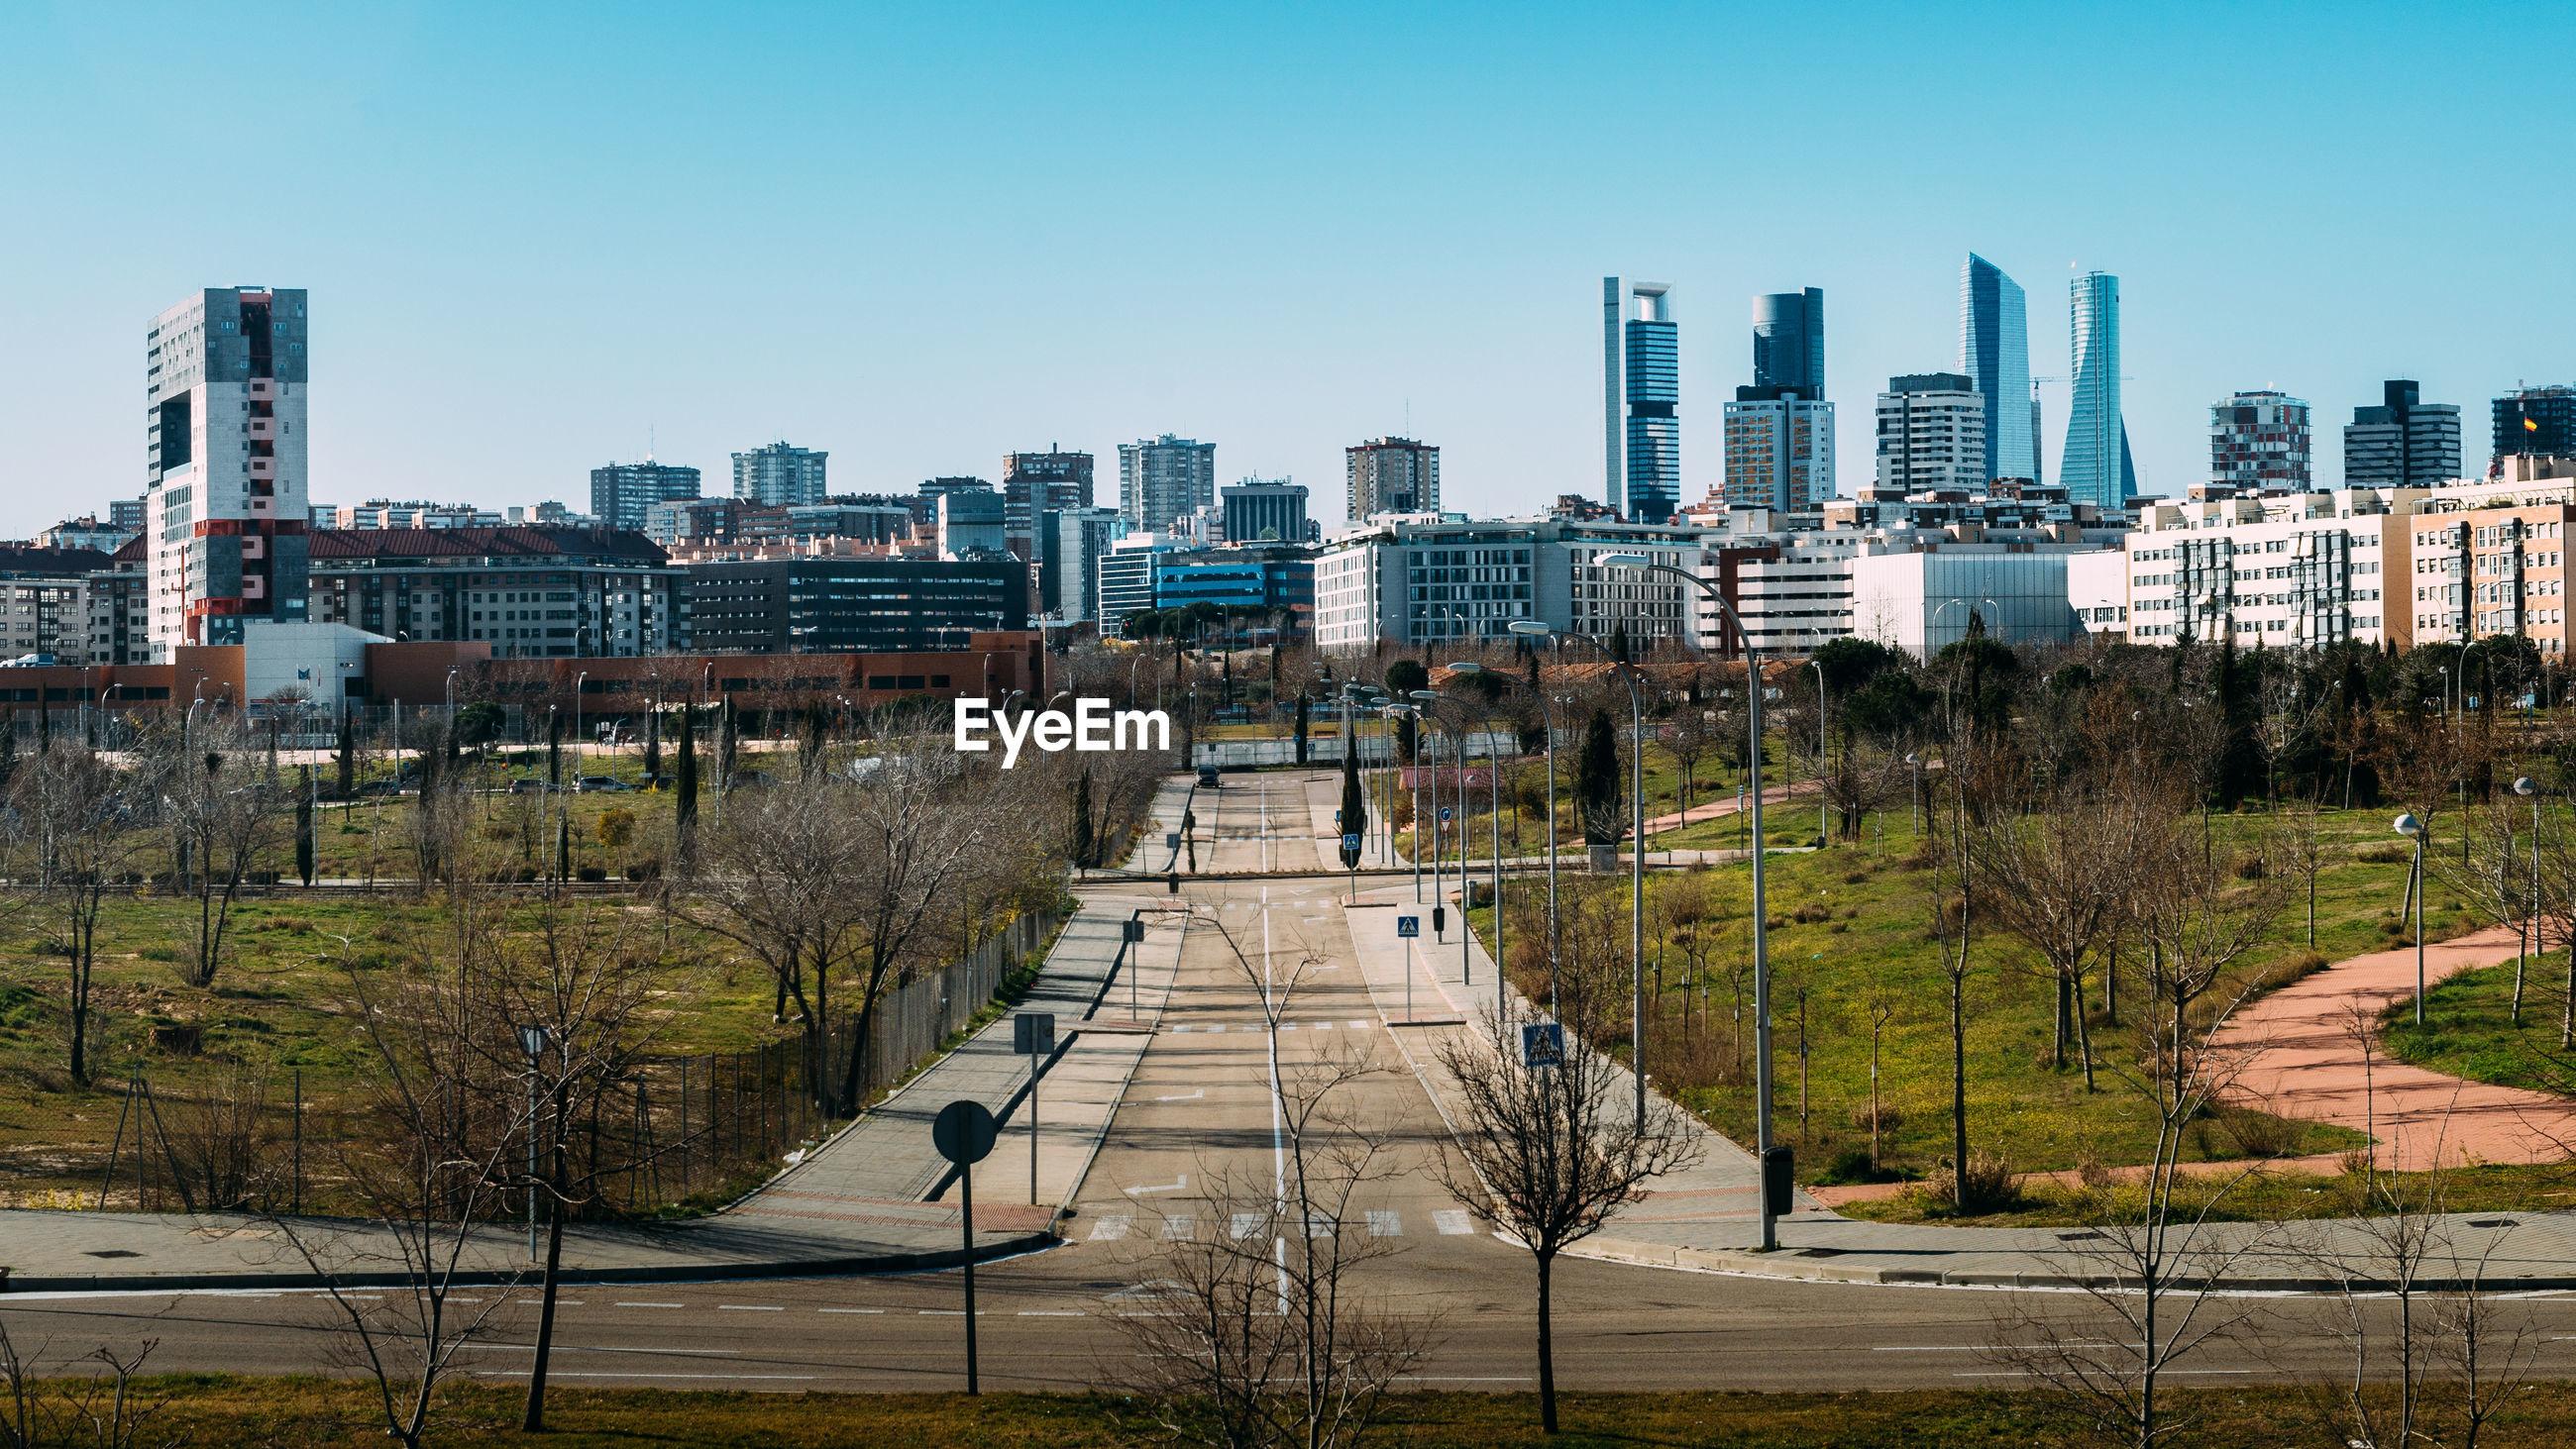 VIEW OF MODERN BUILDINGS AGAINST SKY